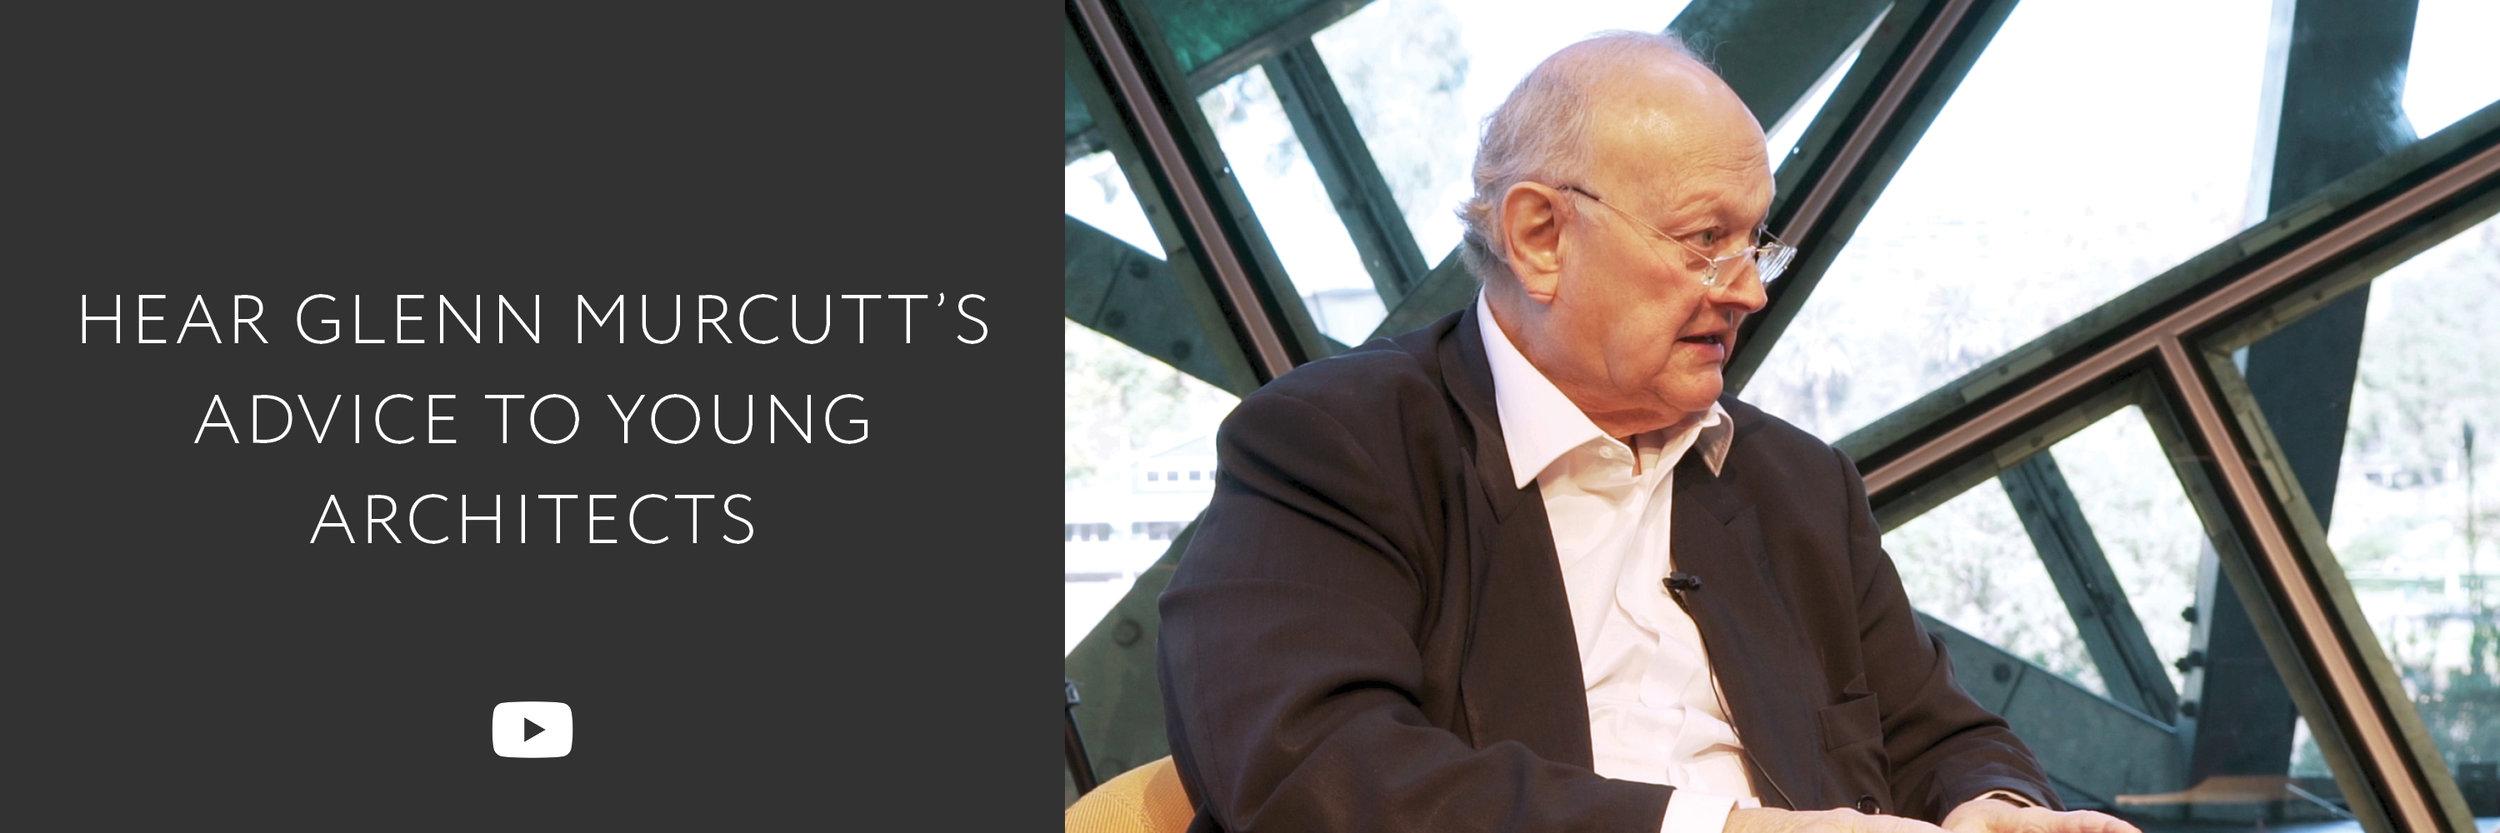 Glenn Murcutt advice to young architects | Australian architects | architecture graduates